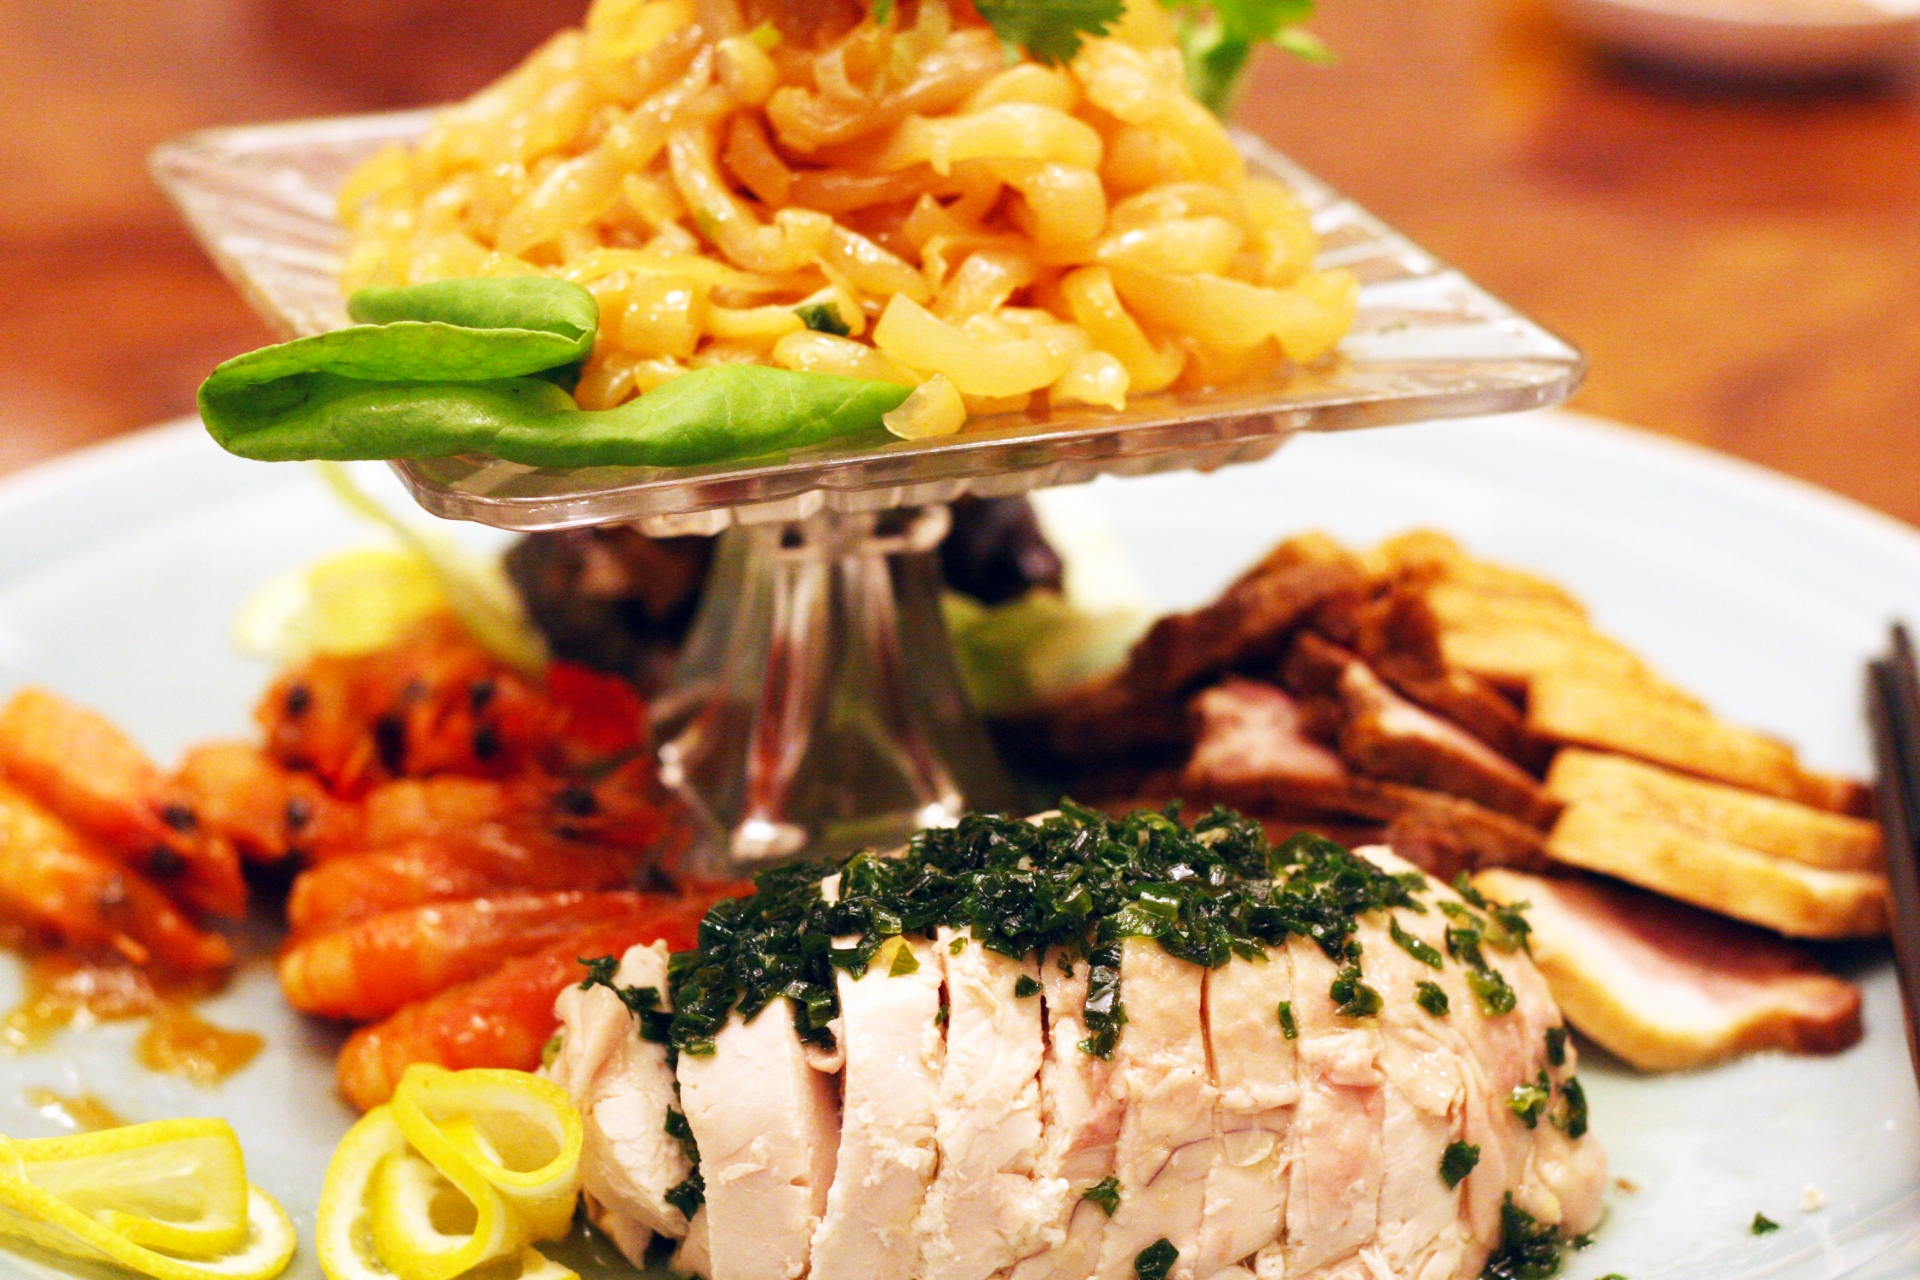 横浜大飯店は食べ放題が魅力の人気店!おすすめメニューや口コミは?